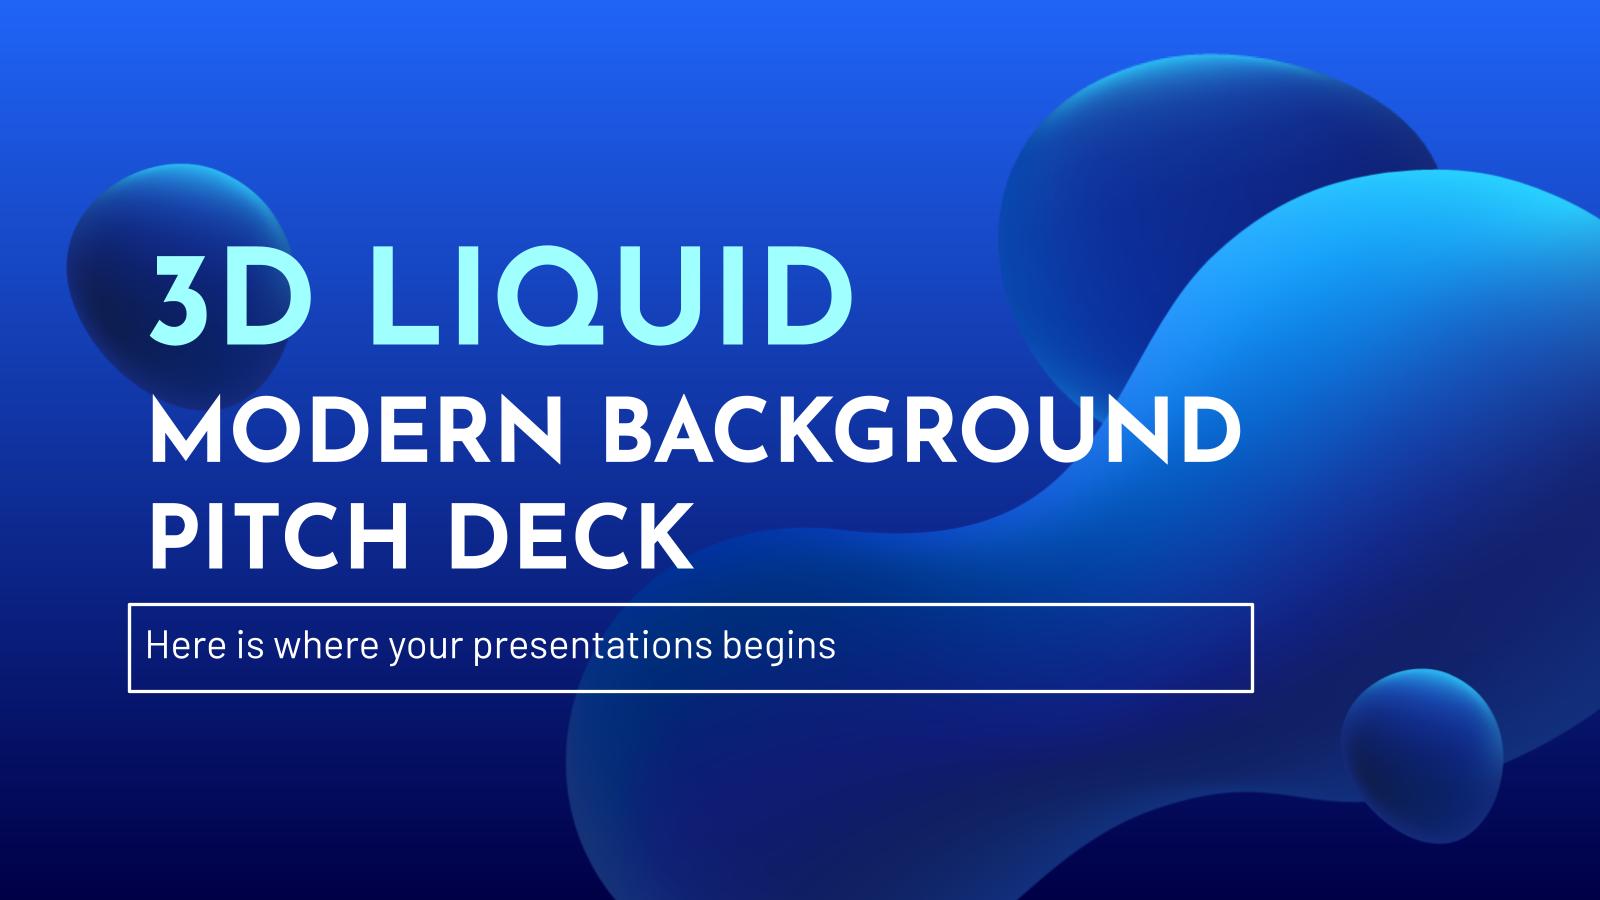 Plantilla de presentación Pitch Deck fondo moderno líquido 3D